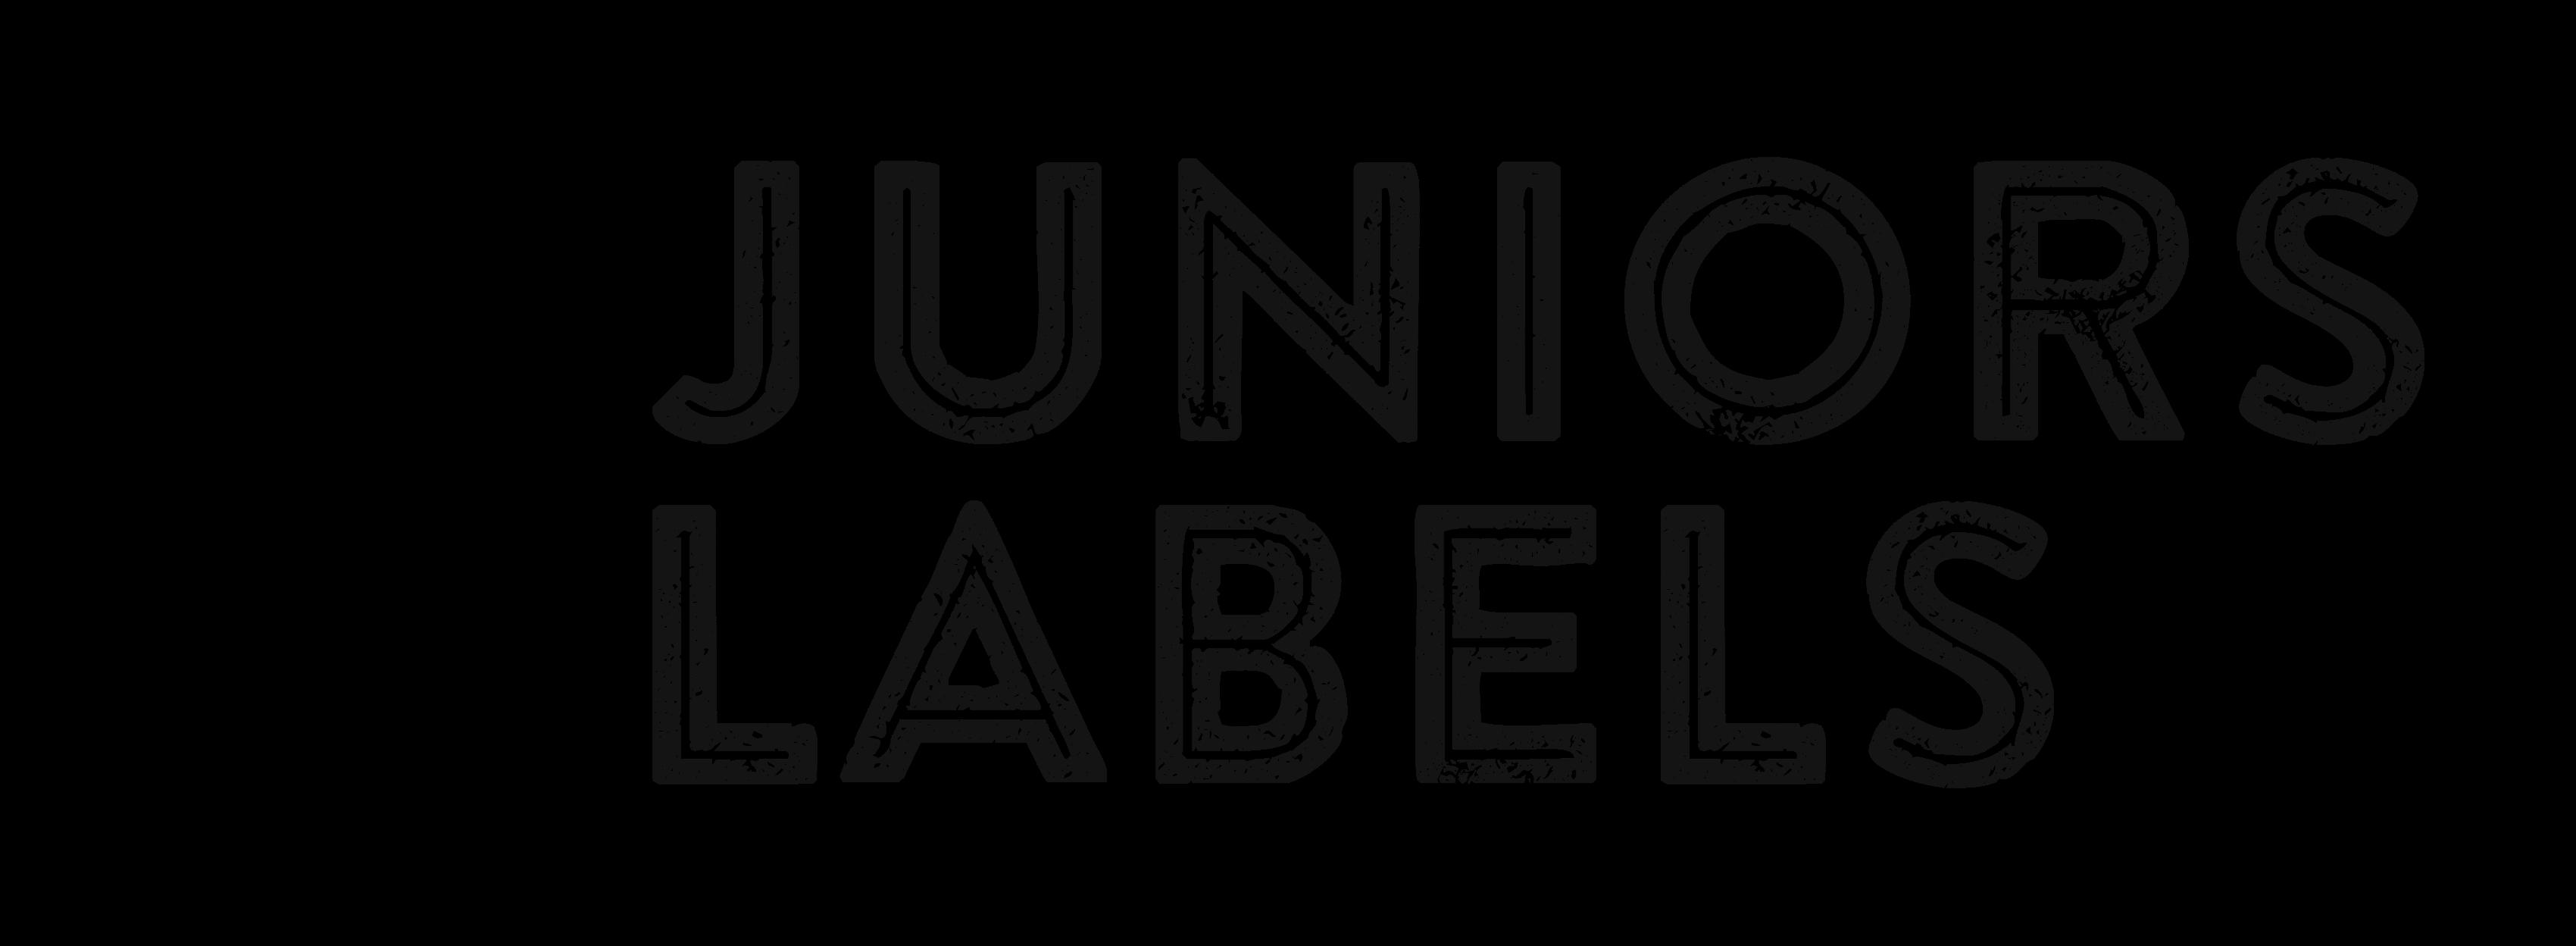 De webshop in  baby- en kinderkleding l Juniors Labels